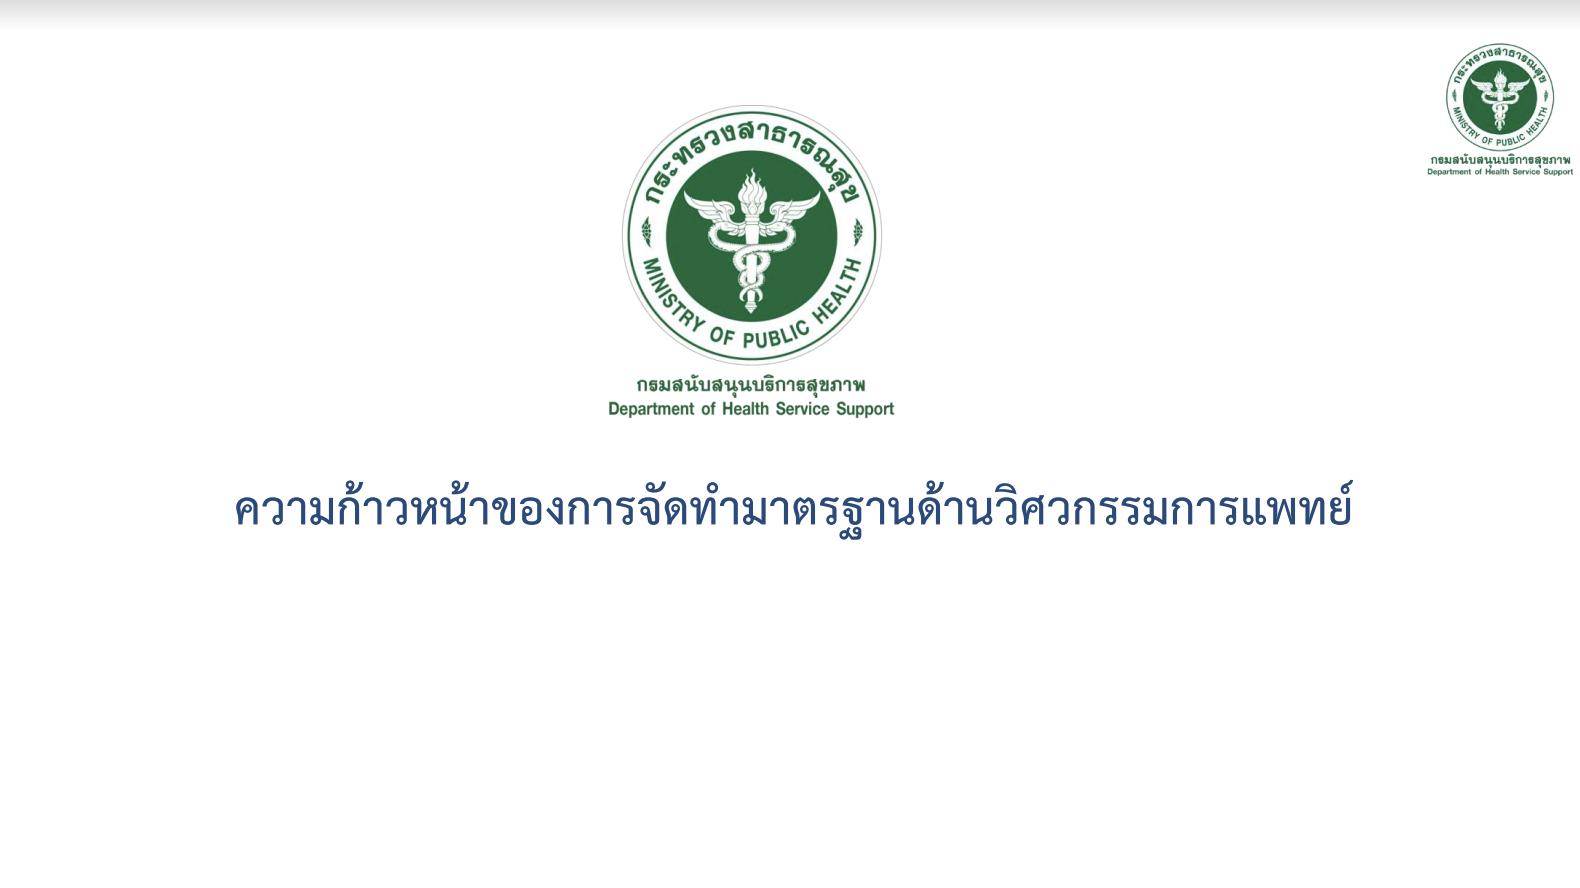 ความก้าวหน้าของการจัดทำมาตรฐานด้านวิศวกรรมการแพทย์